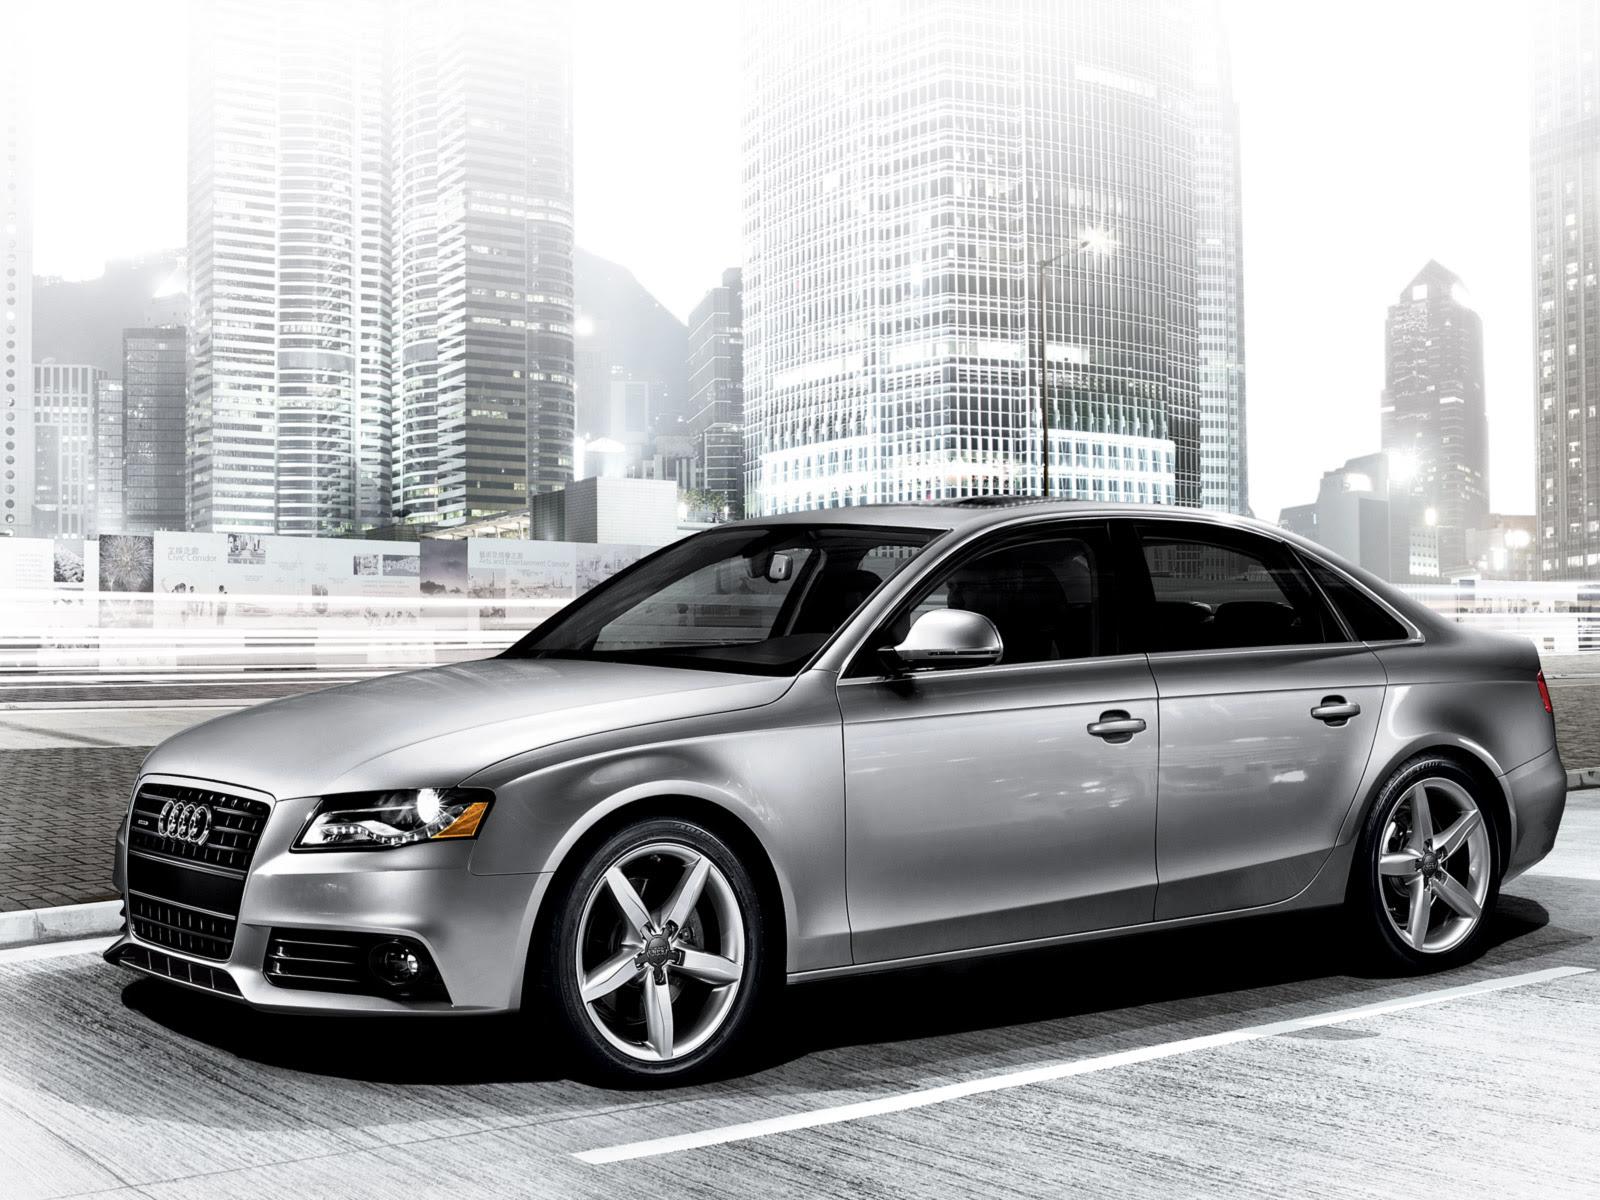 Home / Research / Audi / A4 / 2010